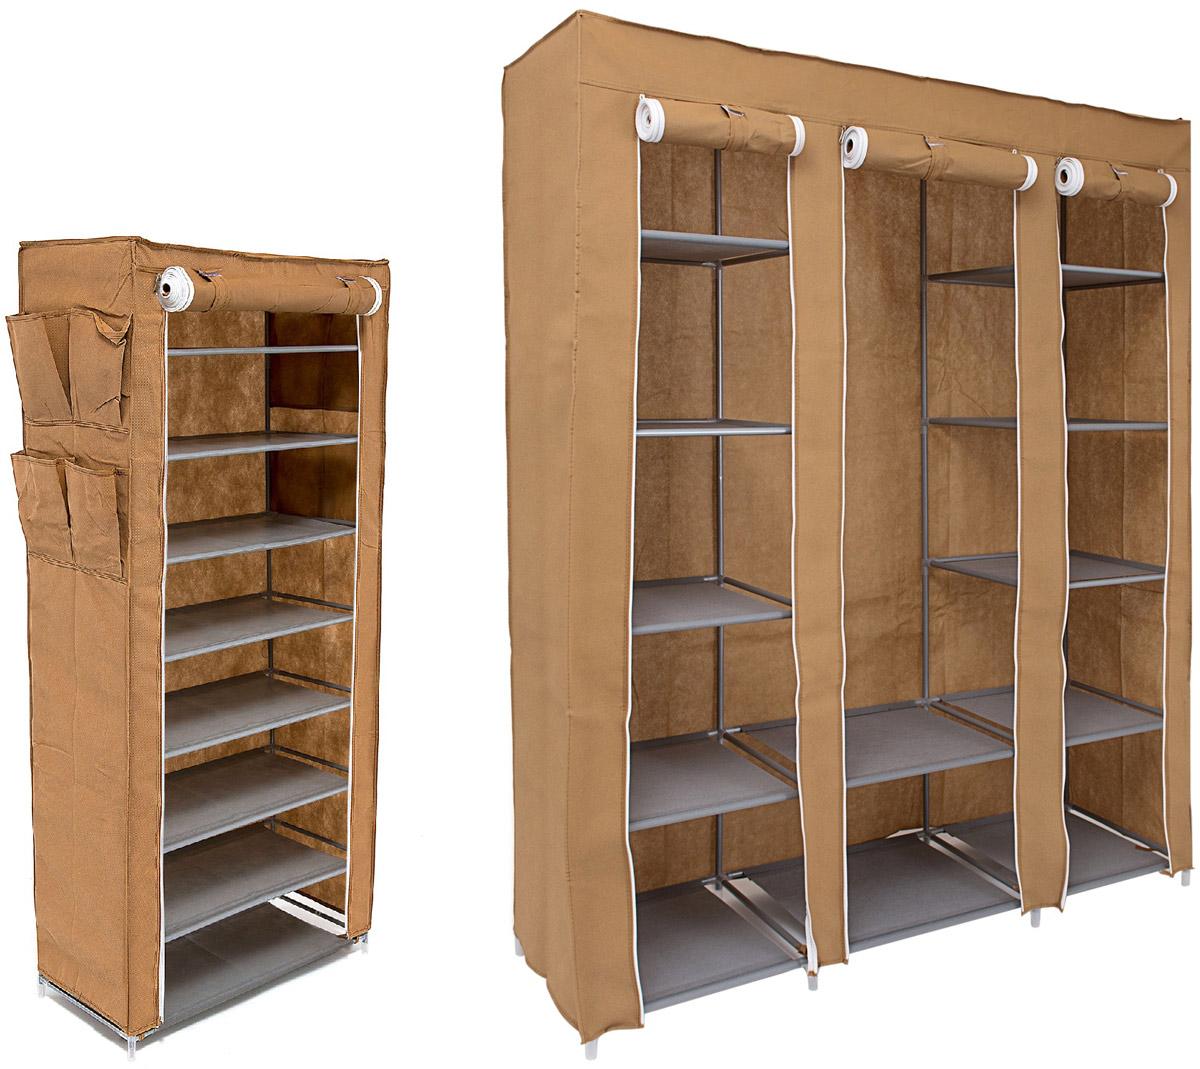 Набор кофров для хранения Homsu Классический, 2 штDEN-42Уникальный дизайн этого комплекта станет настоящим украшением для любого интерьера. Практичная составляющая подобной мебели также вне сомнений. Лёгкие и прочные устойчивые конструкции из каркасов и тканевой обивки могут быть легко собраны вами без посторонней помощи, буквально за несколько минут. Такая мебель будет всегда удобной и максимально практичной, ведь верхнюю тканевую часть при надобности можно всегда постирать либо же попросту поменять на аналогичную другого цвета. Кроме того, такие конструкции всегда будут отличным решением для того, кому по душе мобильность и постоянная смена обстановки. 1350х450х1750; 600х300х1360